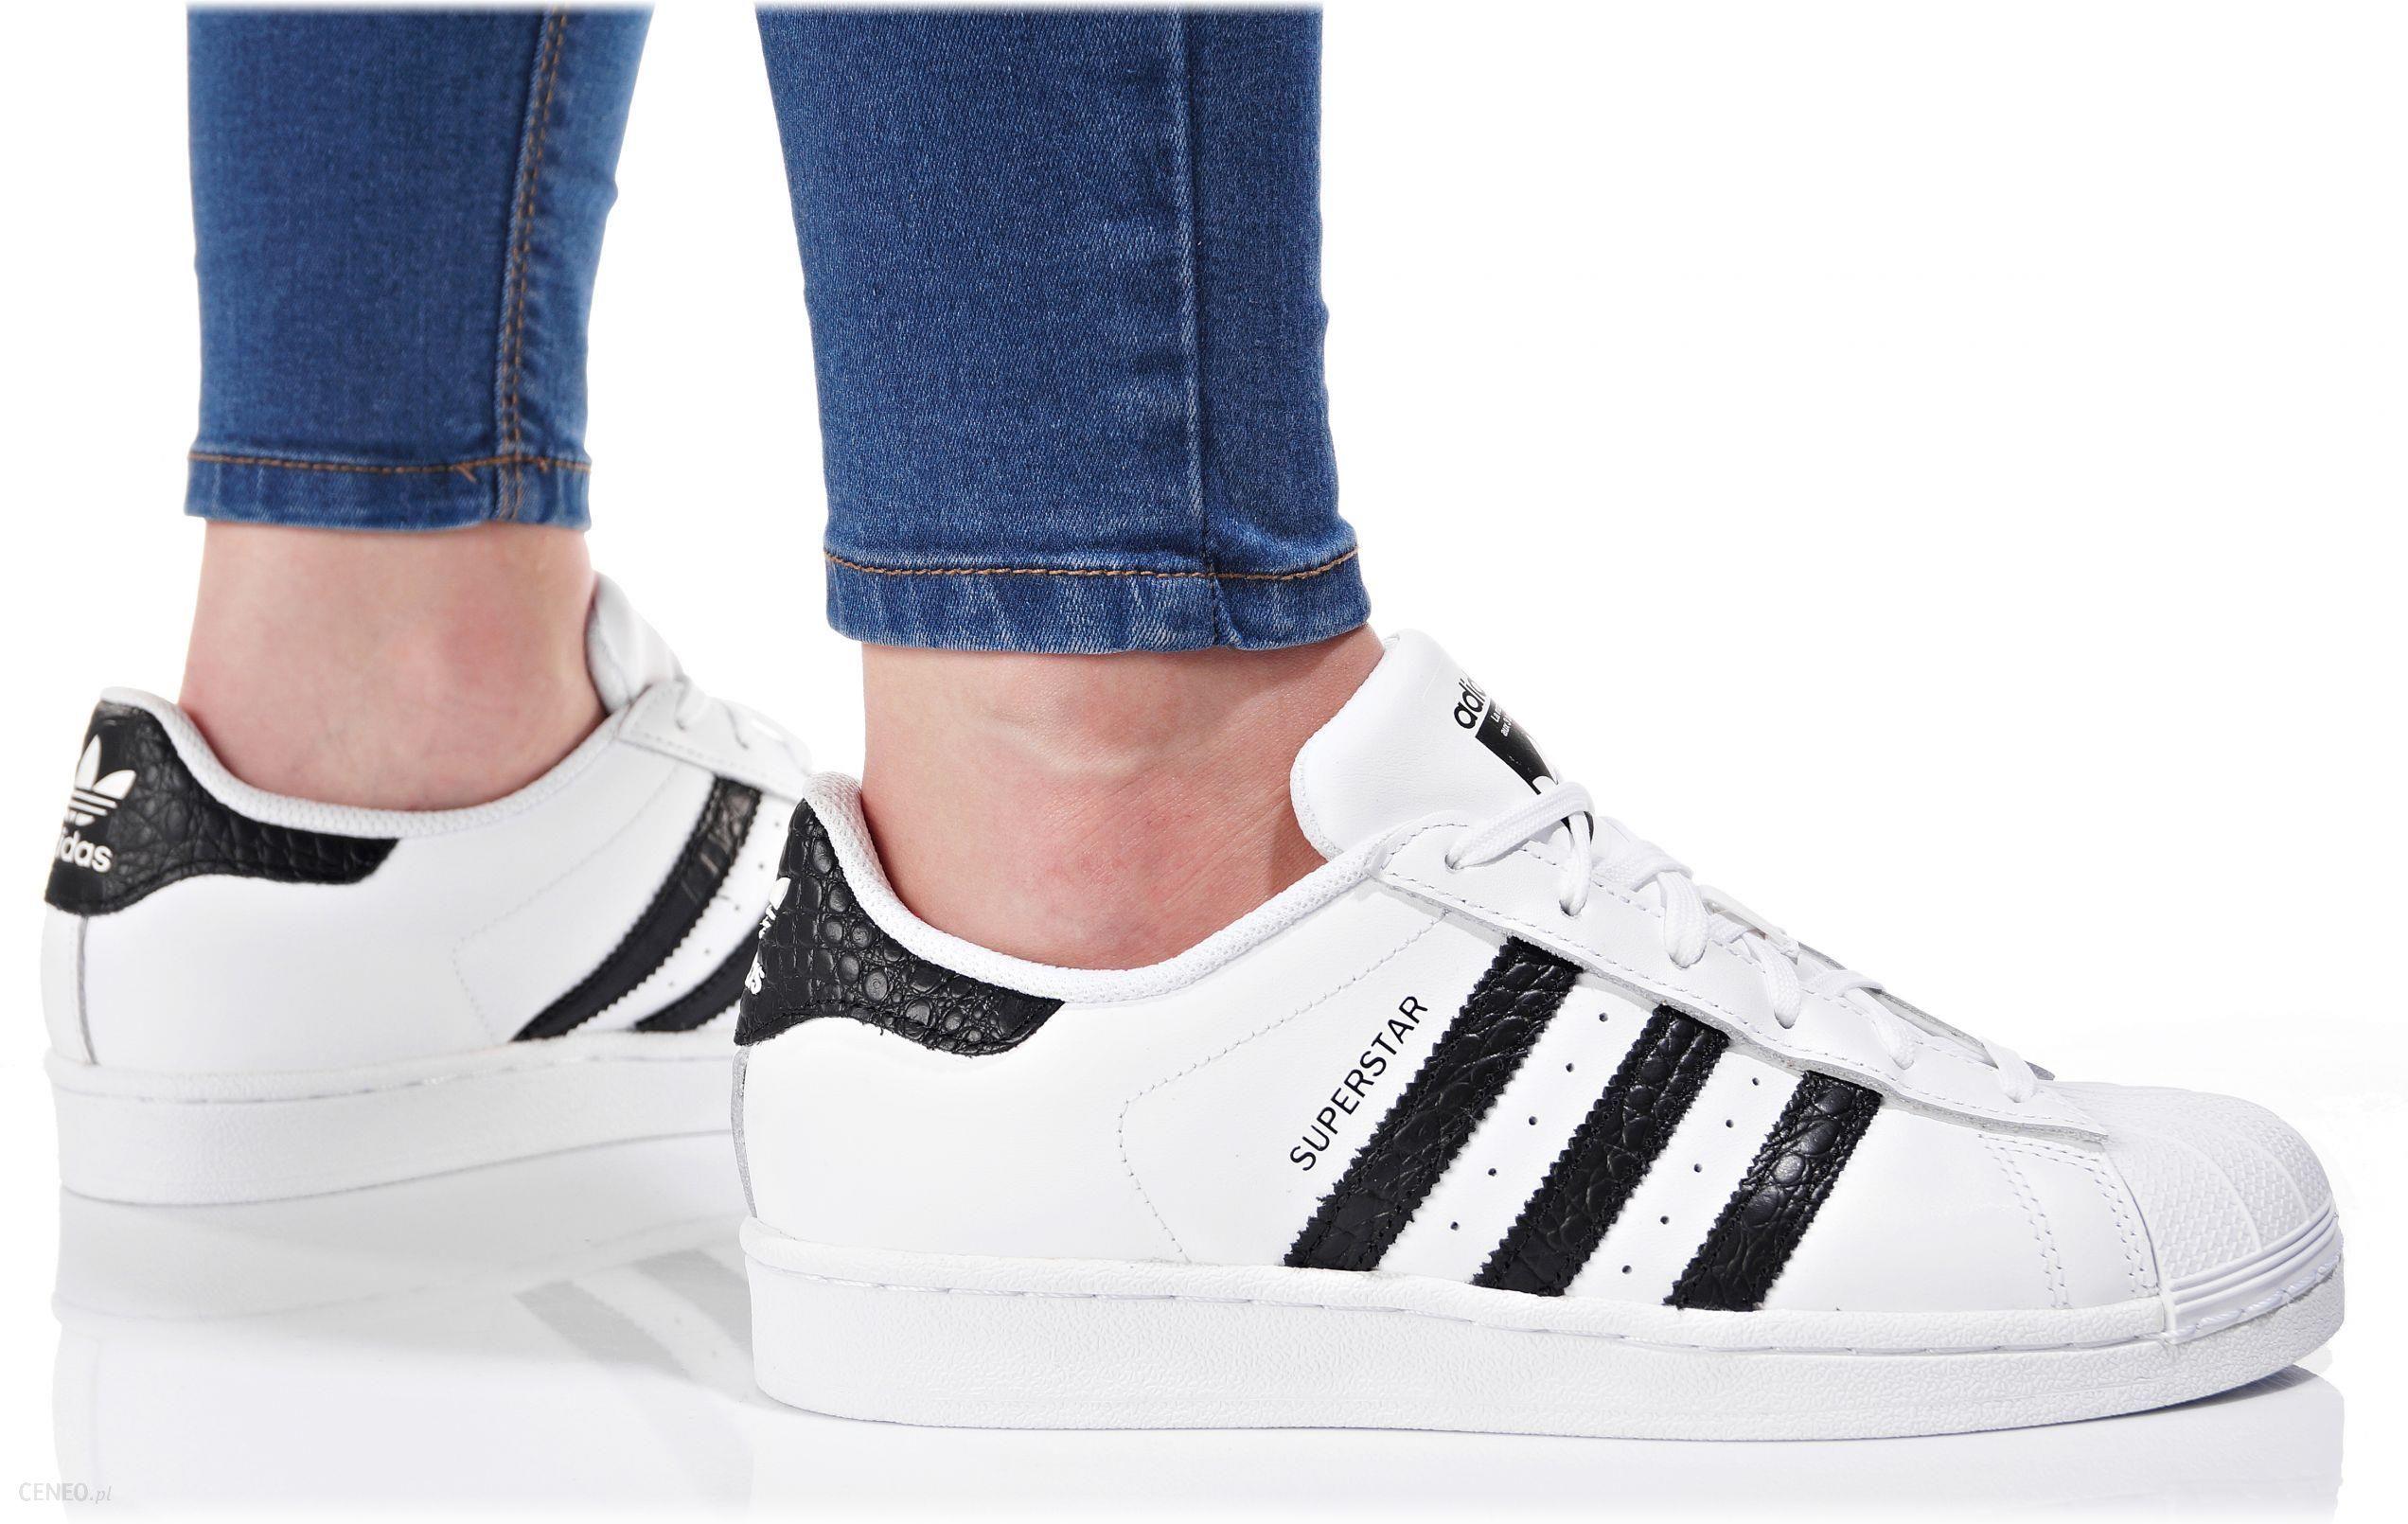 buty adidas damskie superstar aq6278